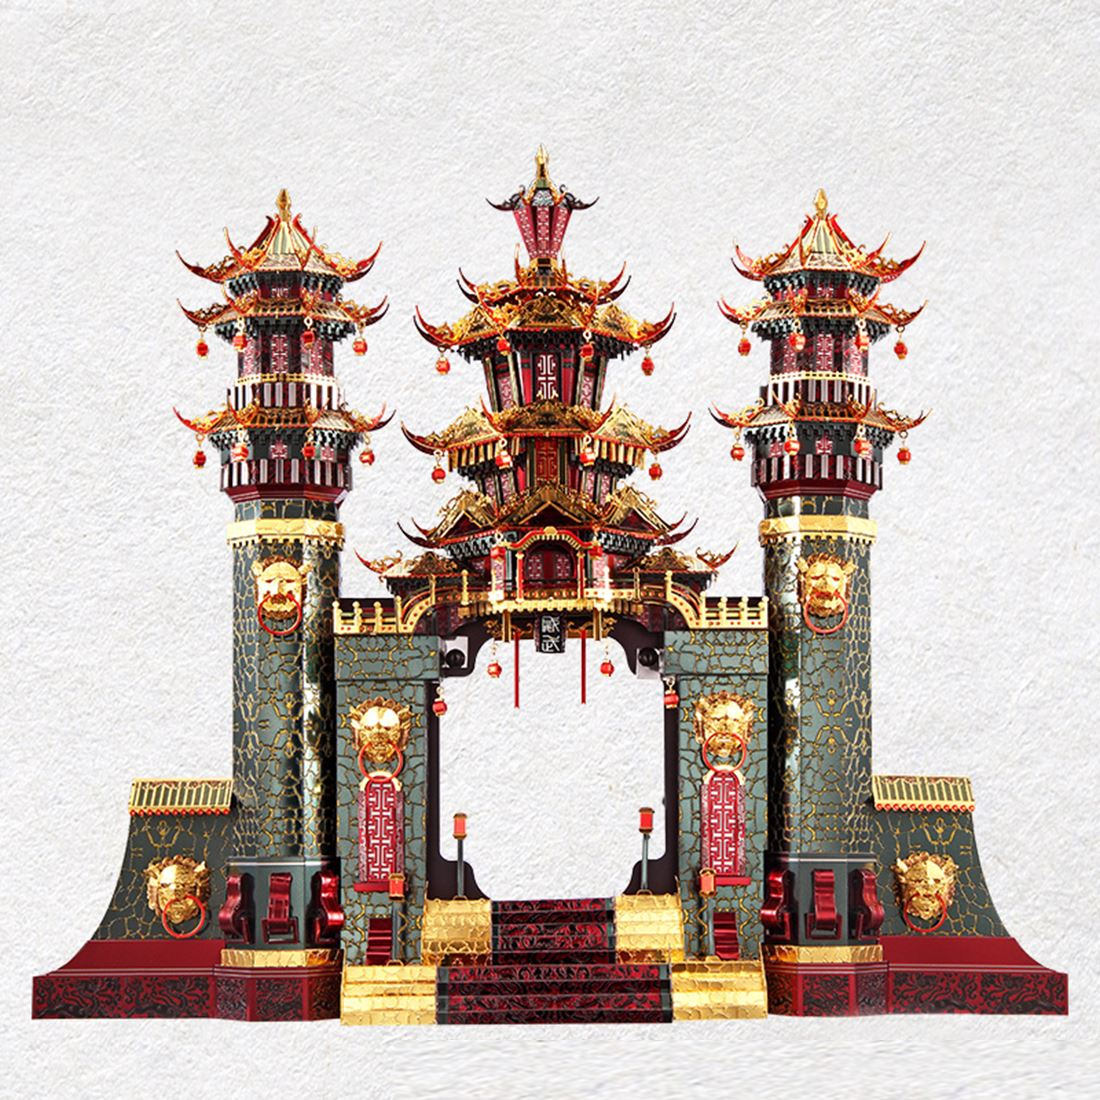 Архитектурная серия Южные ворота , модель, наборы, сделай сам, 3D металлические пазлы, сборная головоломка, игрушка, модель, обучающая игрушка, подарок для детей и взрослых - 2